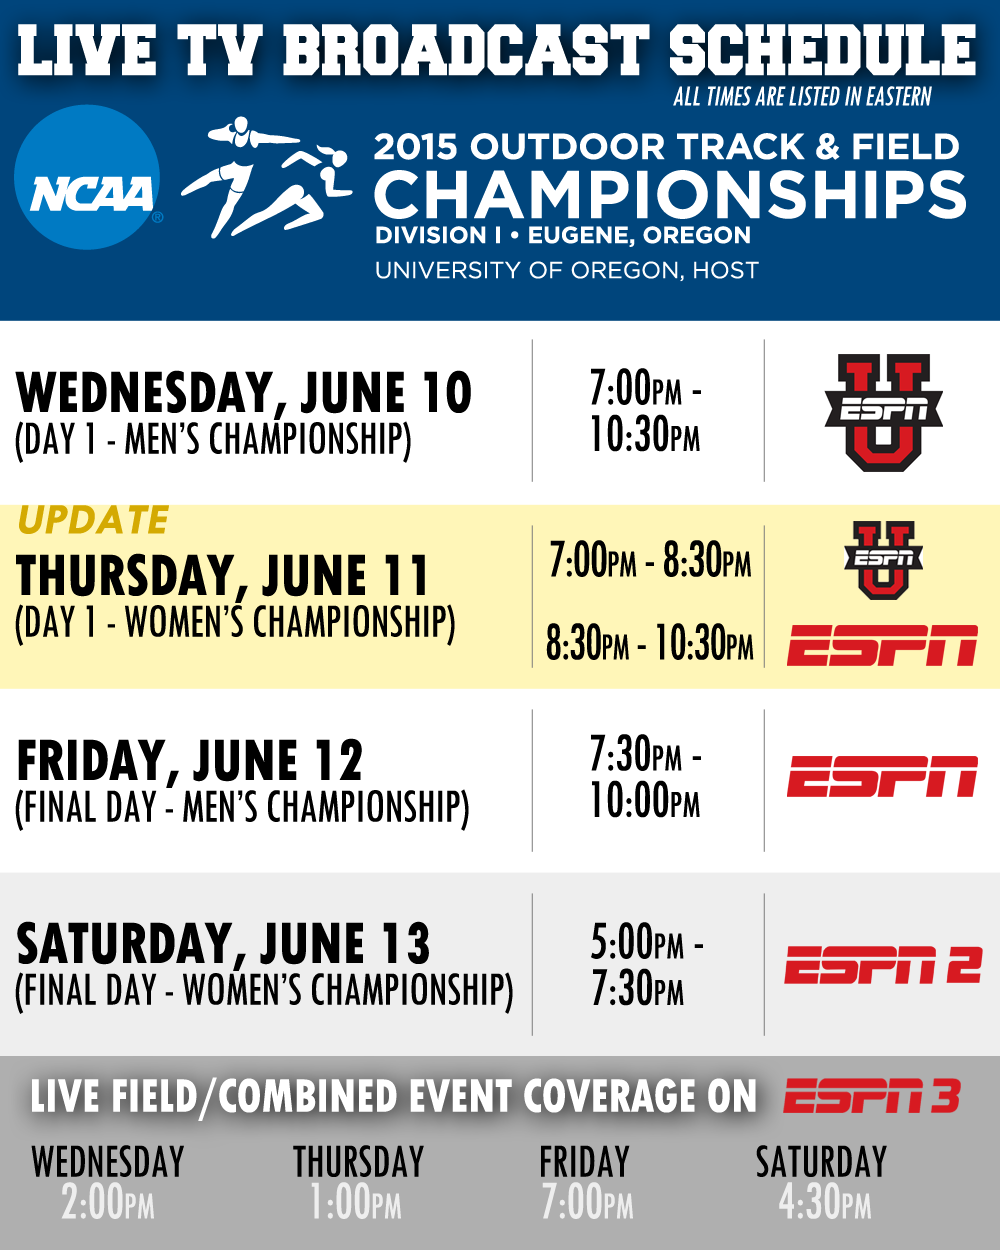 ESPN Broadcast Schedule